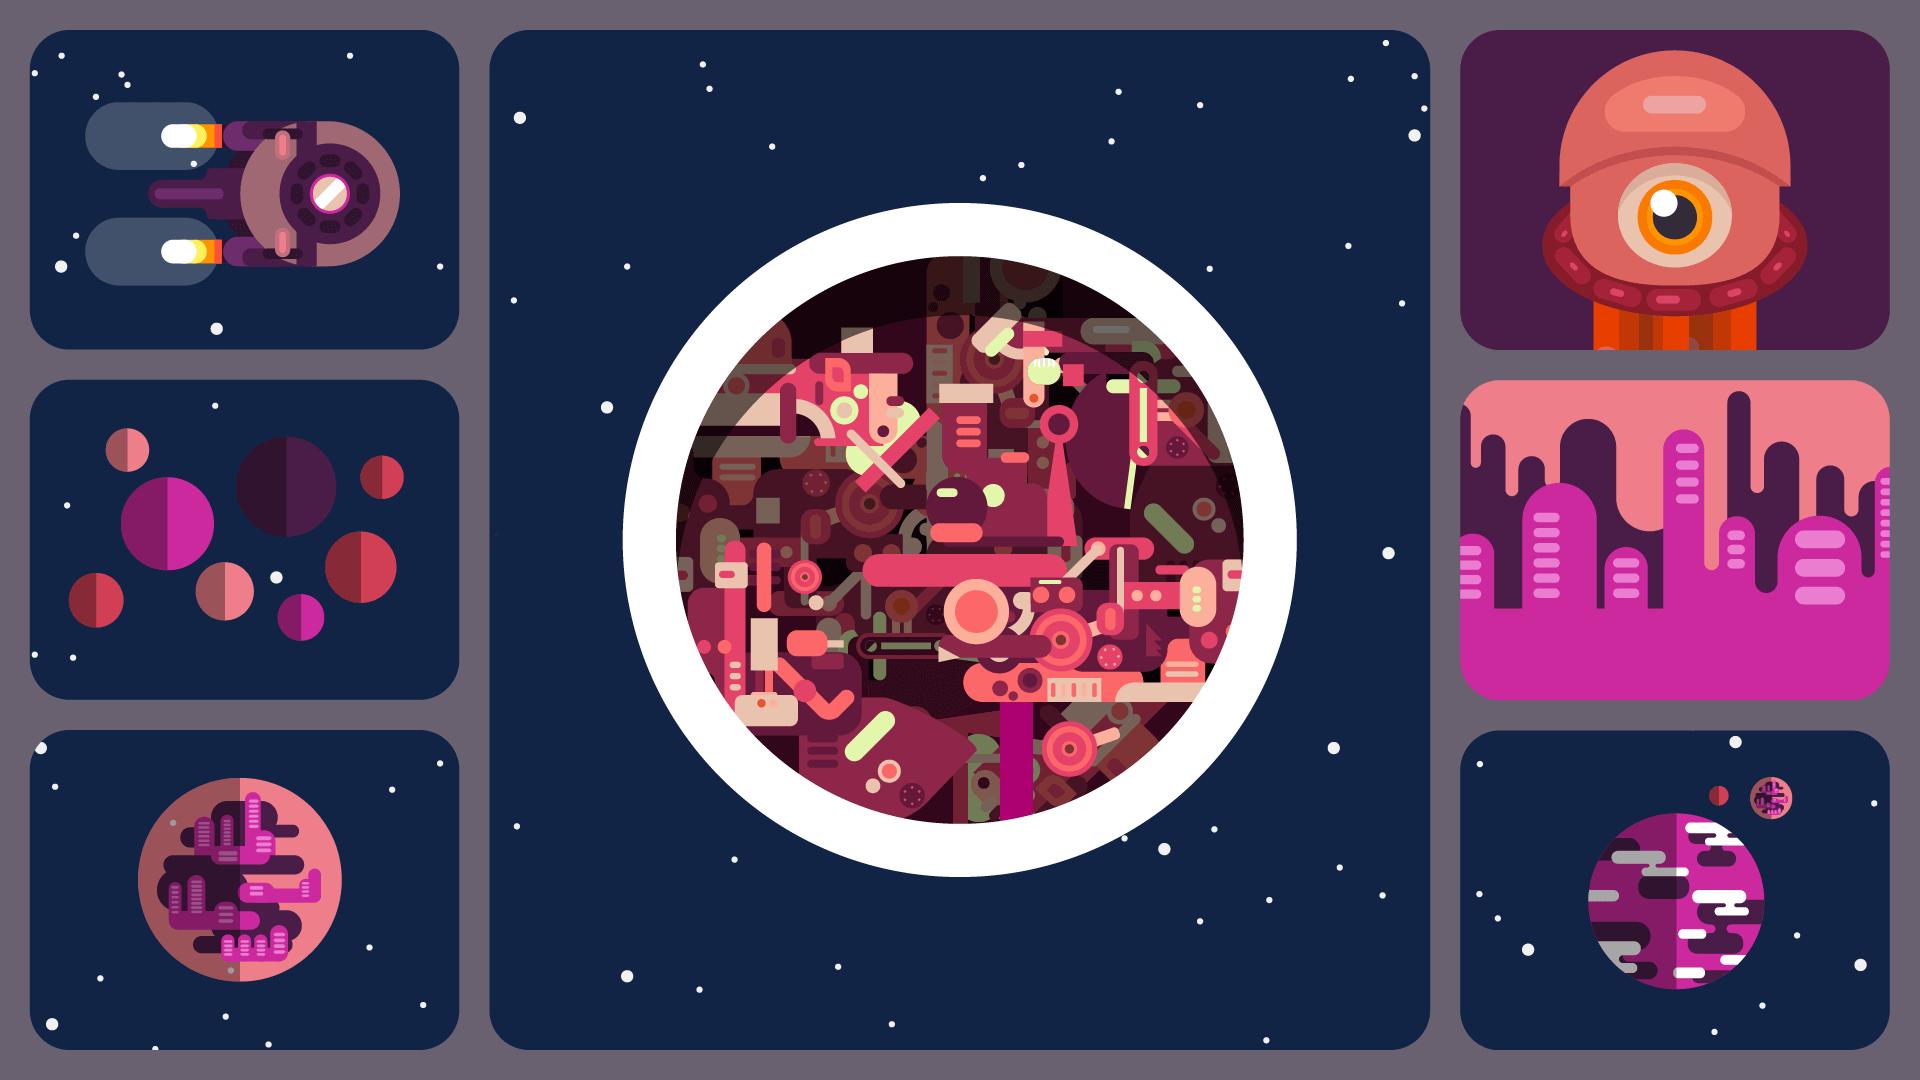 160_Fermi Paradox 1&2_Kurzgesagt Project Pic 5